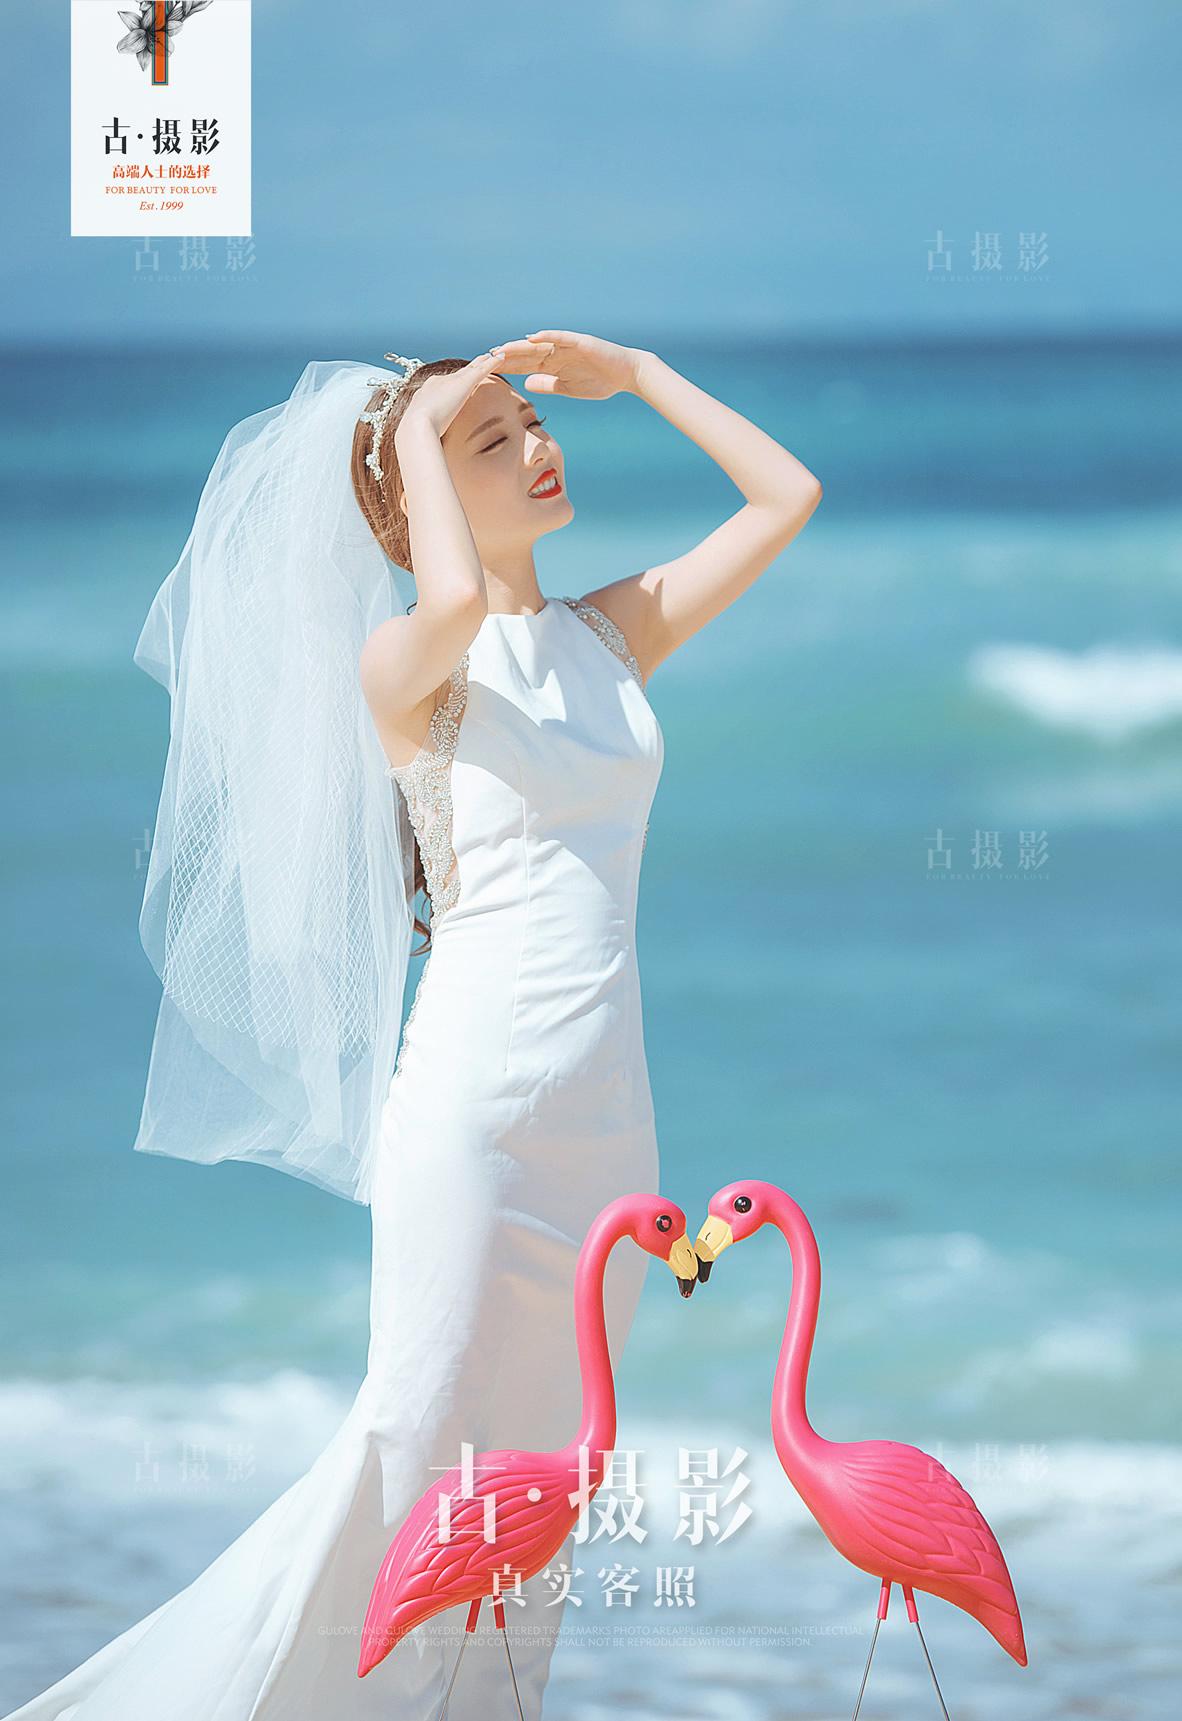 10月10日客片惠先生 陈小姐 - 每日客照 - 古摄影婚纱艺术-古摄影成都婚纱摄影艺术摄影网